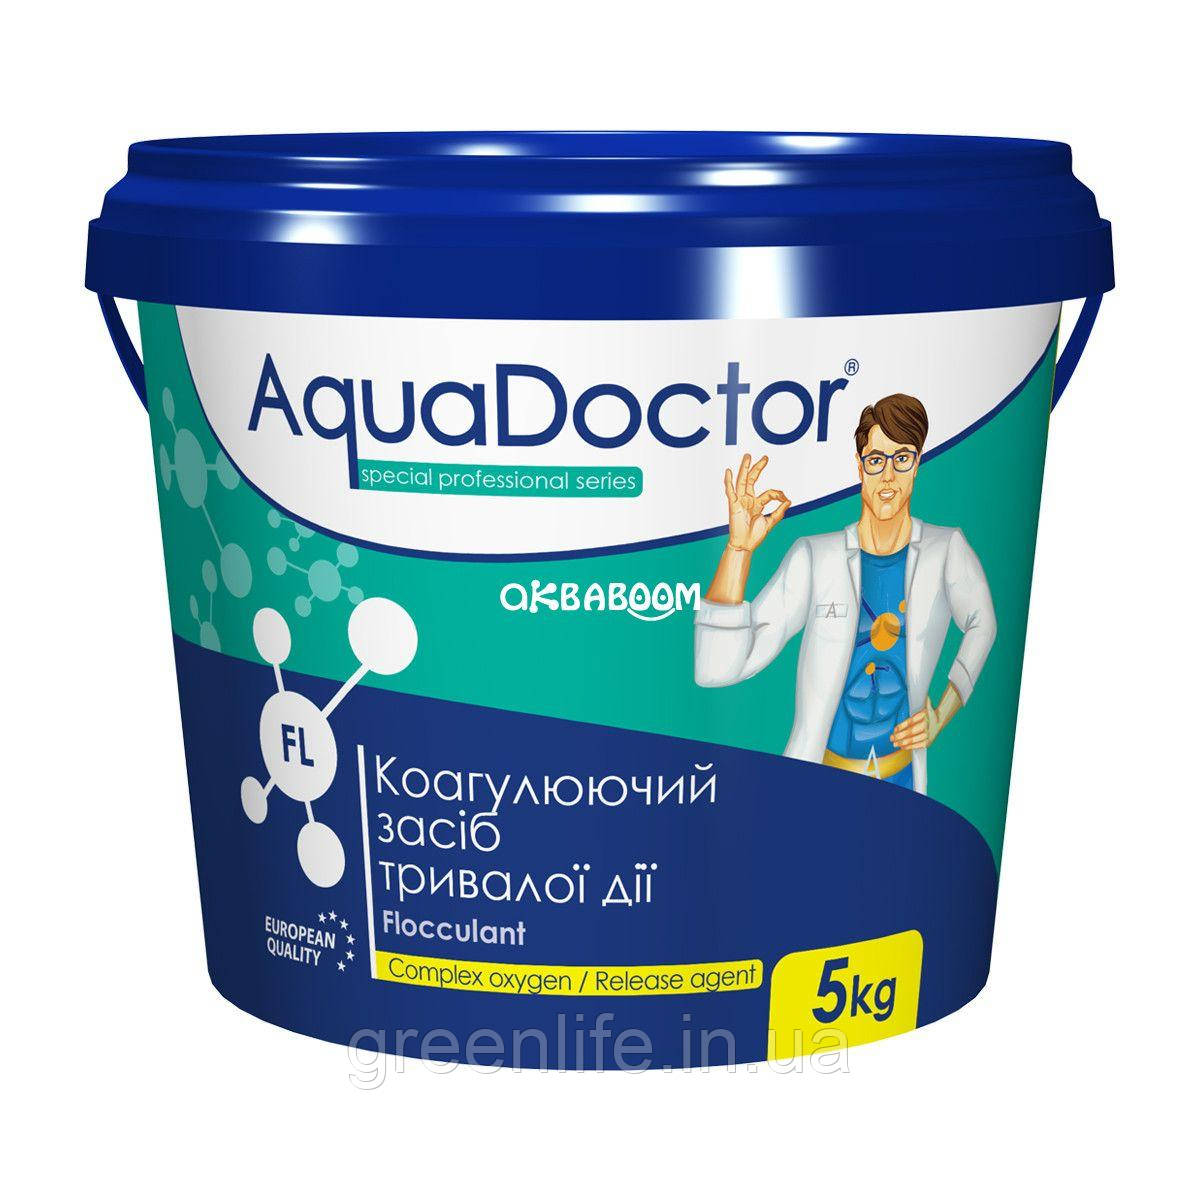 Засіб для освітлення води (флок) Aquadoctor FL в гранулах (5 кг), Аквадоктор.